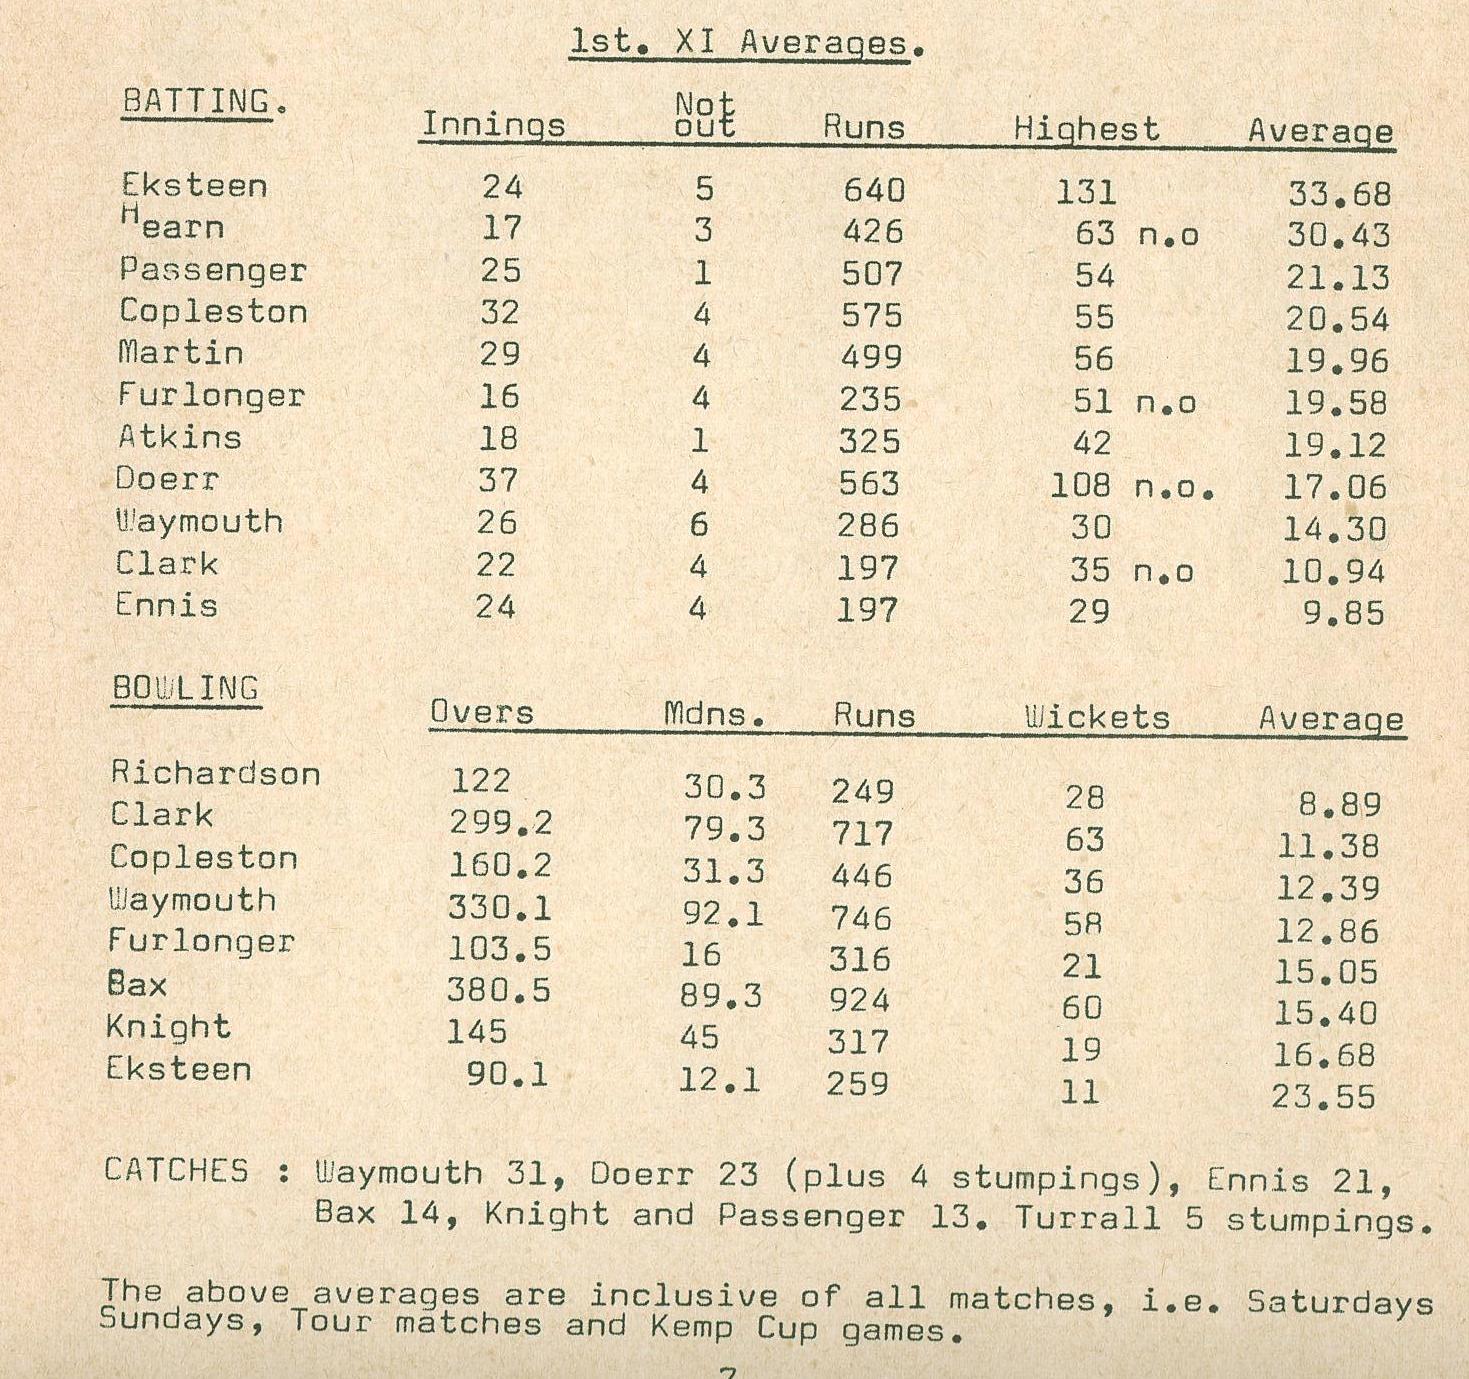 1968 Cricket